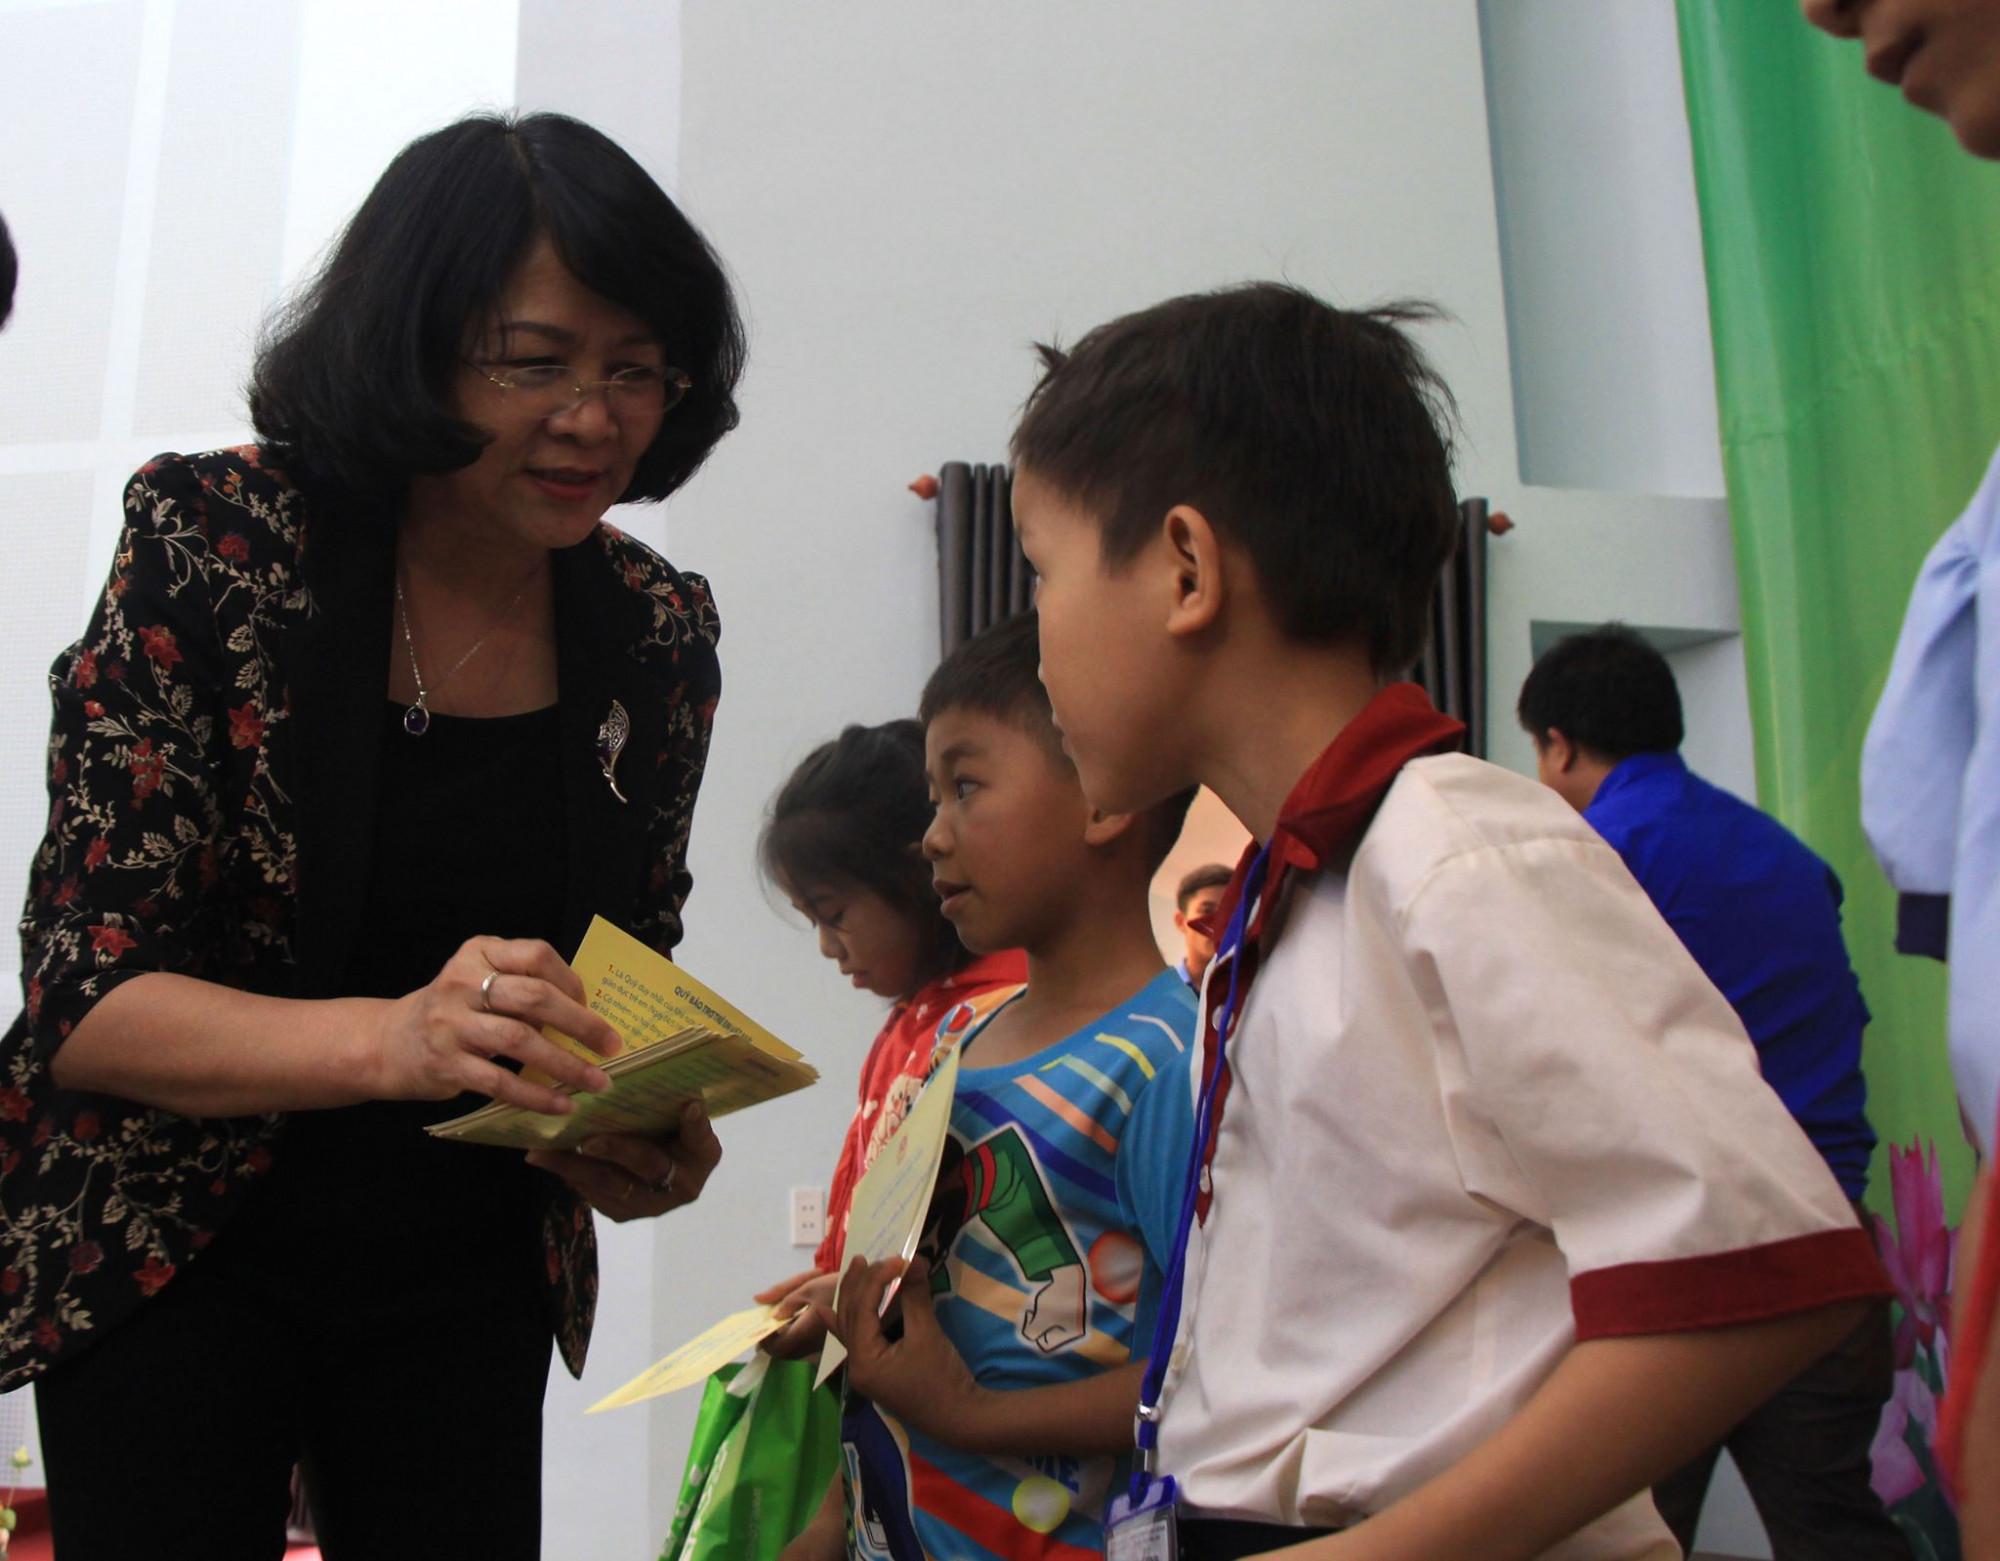 Phó Chủ tịch nước Đặng Thị Ngọc Thịnh tặng quà cho các học sinh có hoàn cảnh khó khăn